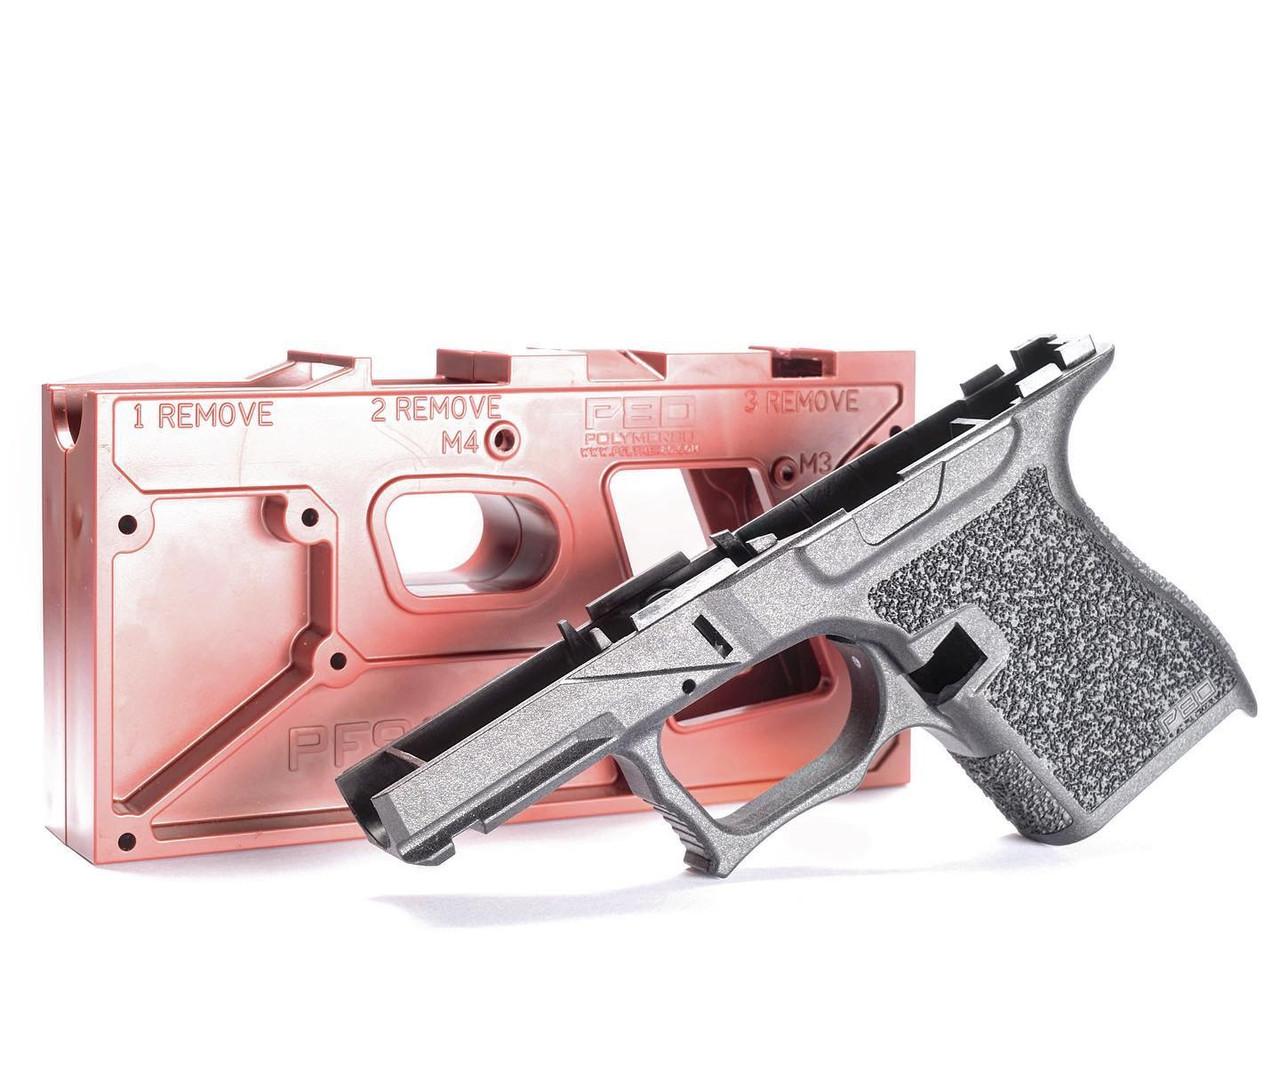 Polymer80 PFSS9 80% Textured Single Stack 9mm Pistol Frame Kit for Glock G43